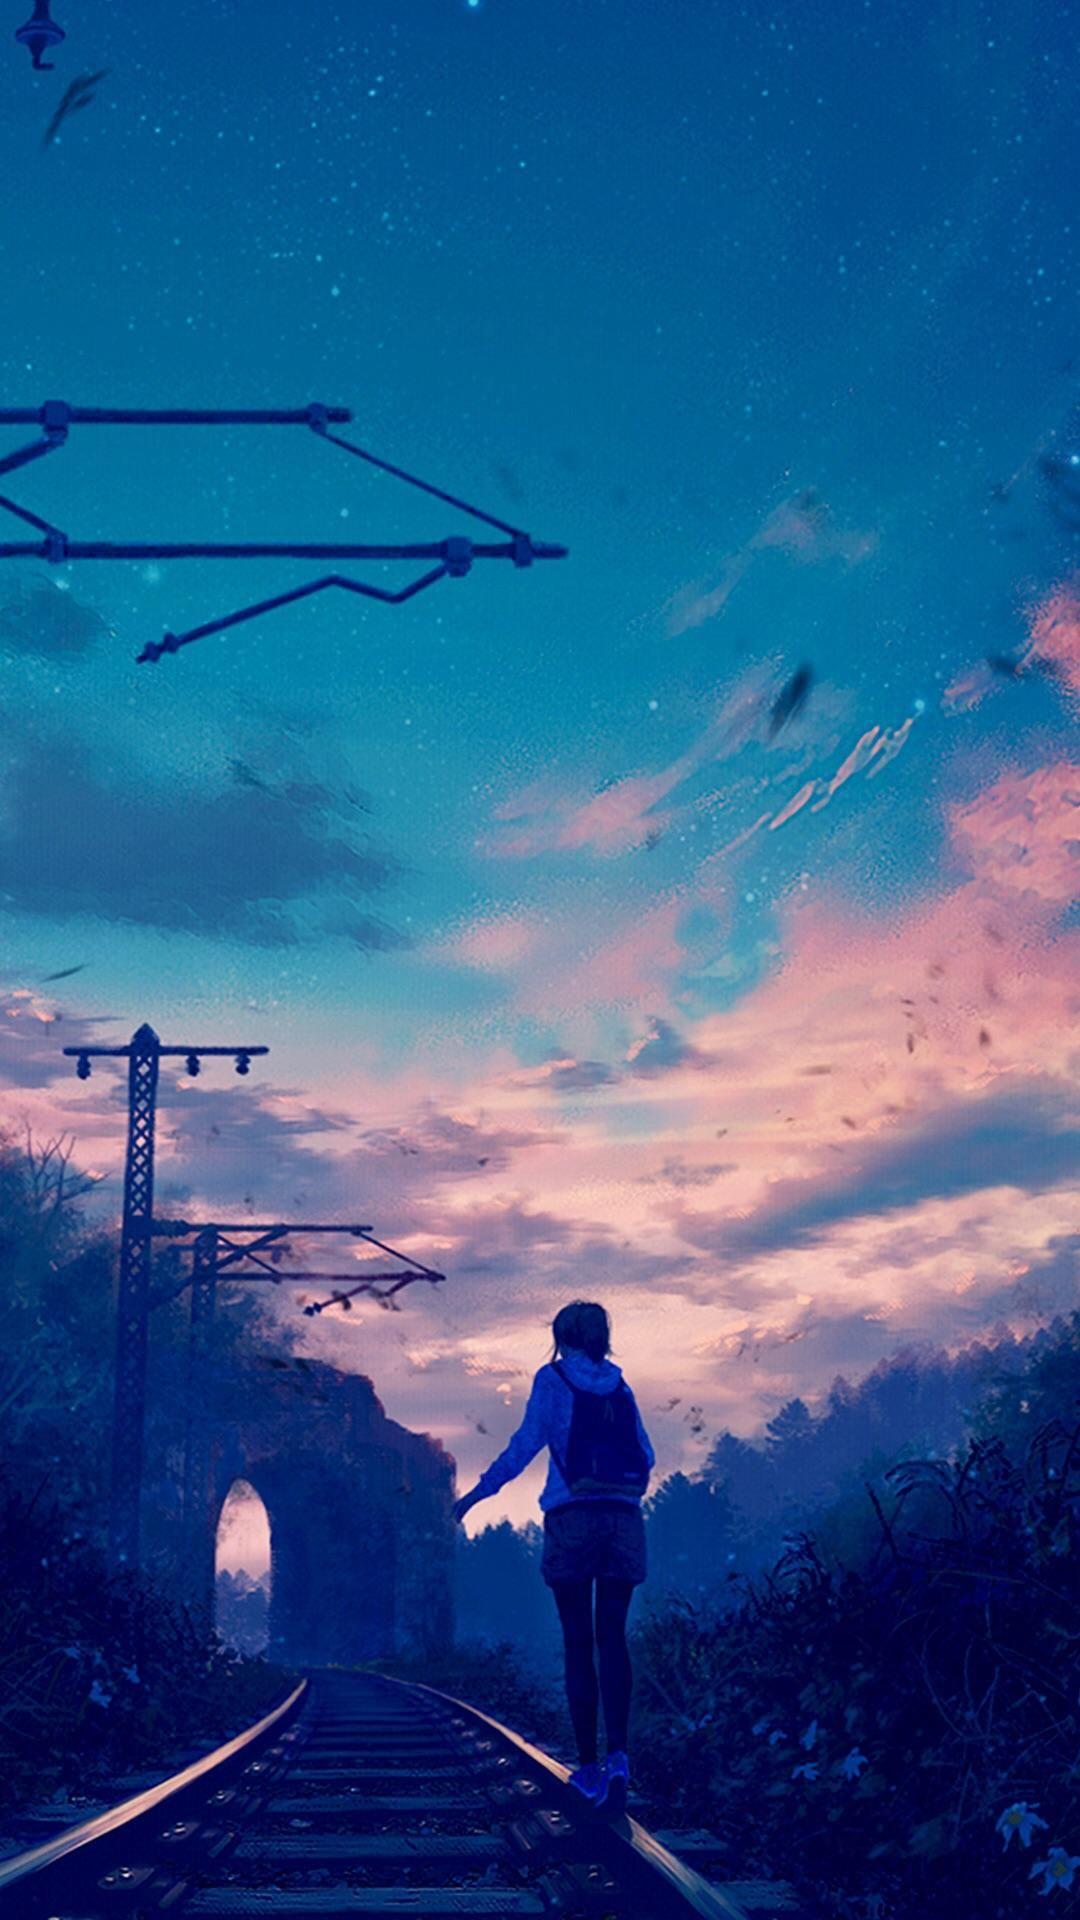 Japan Cityscape iPhone wallpaper Anime fond d'écran iphone